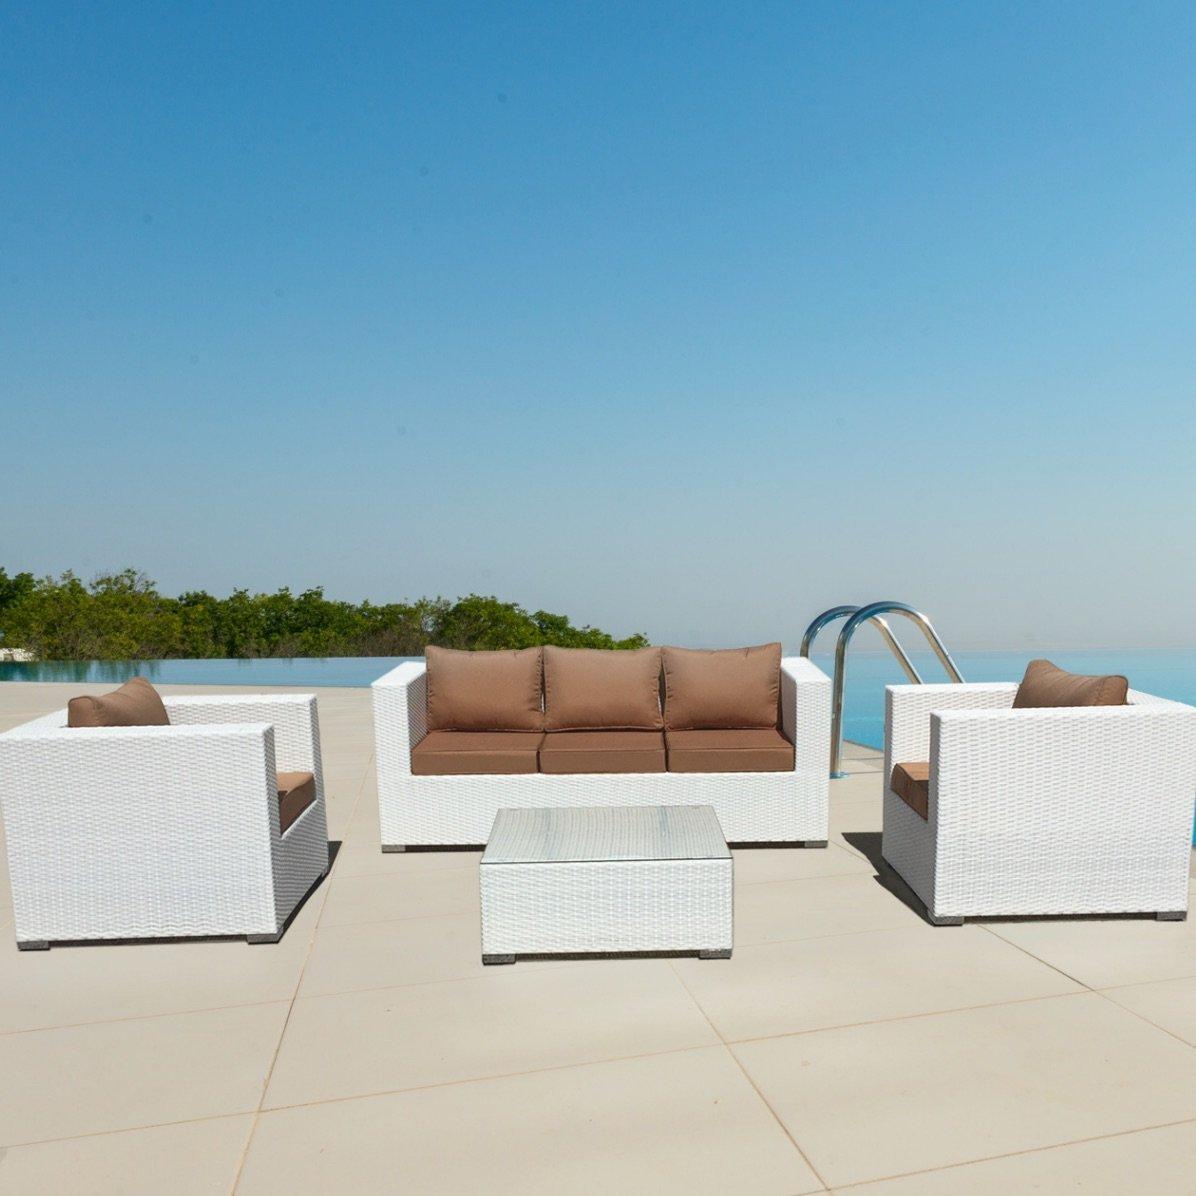 Luxurygarden Wohnzimmer Rattan Weiß Garten Möbel Outdoor Sofa Saturno  Günstig Bestellen